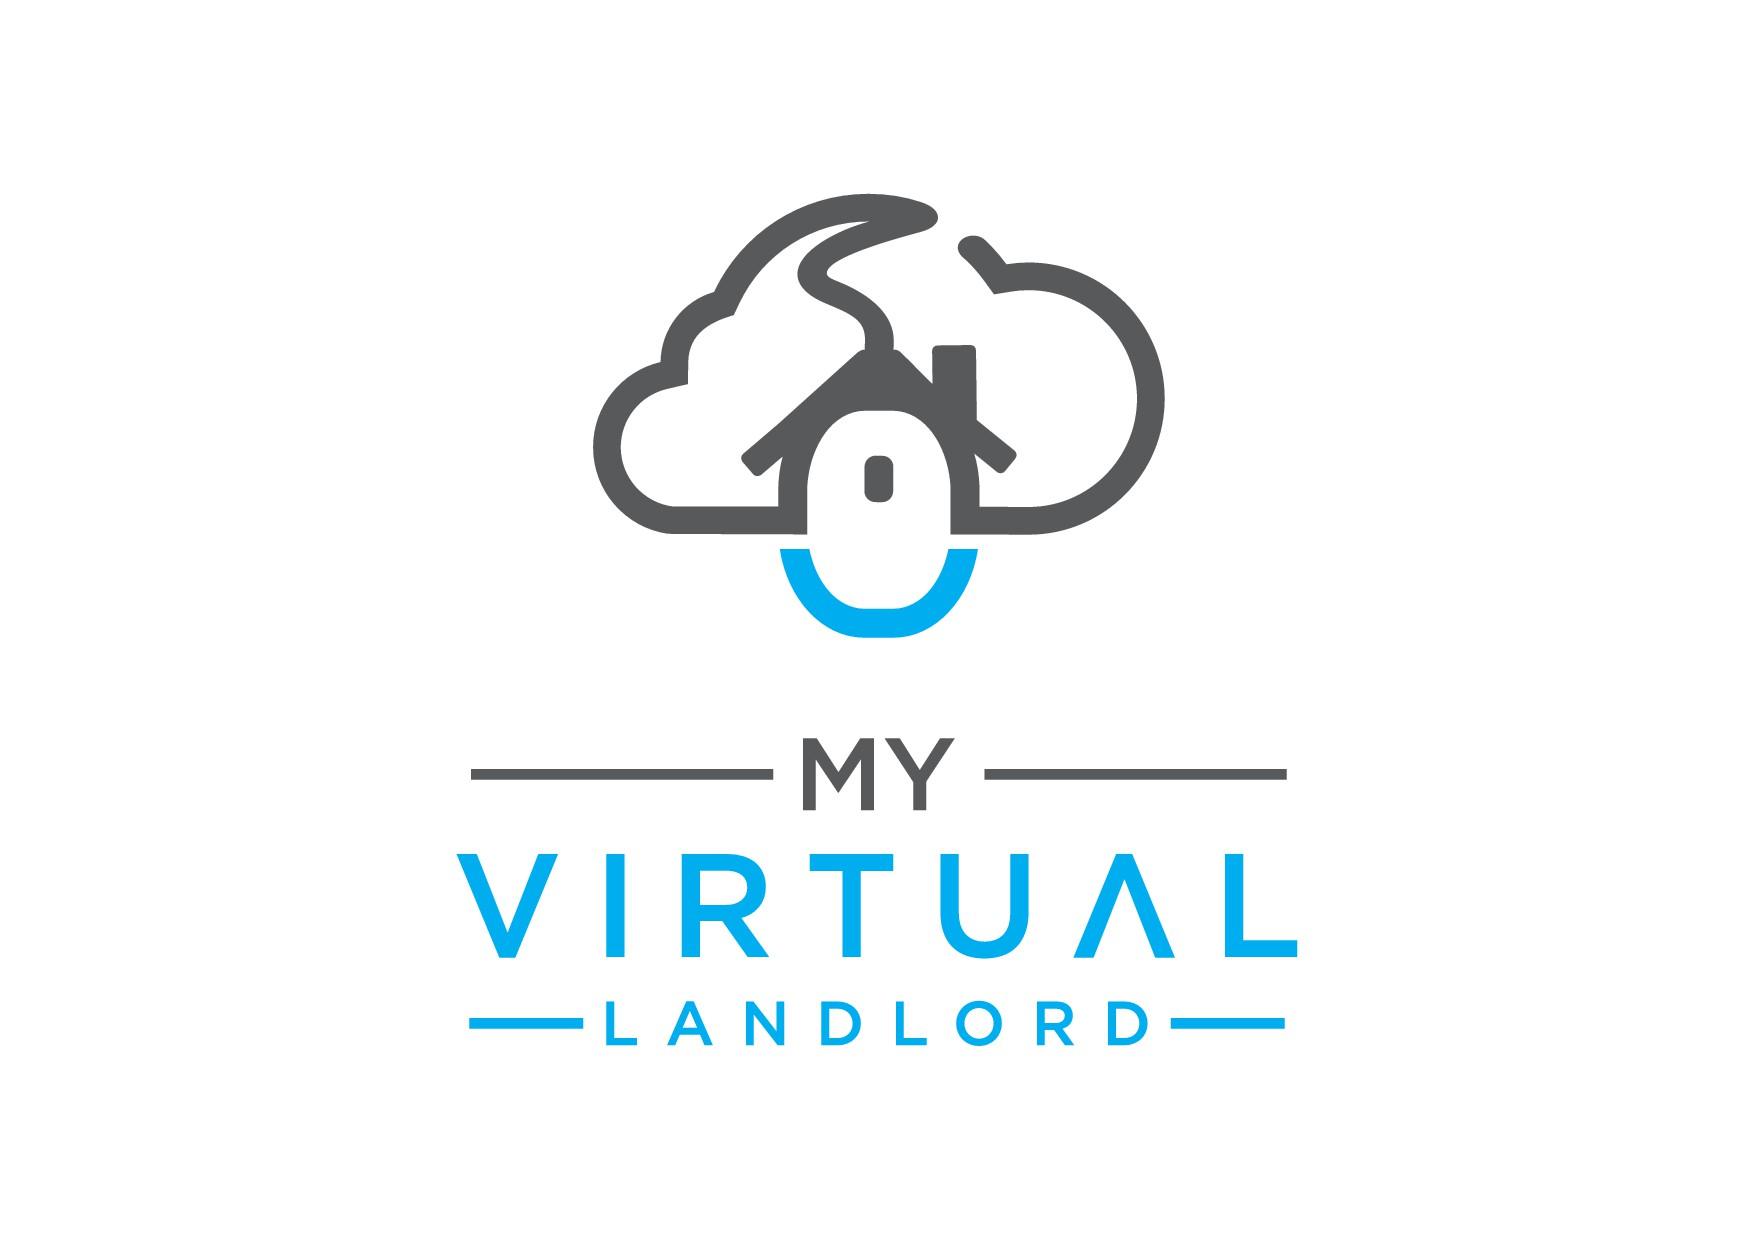 Logo design for a Virtual Landlord company